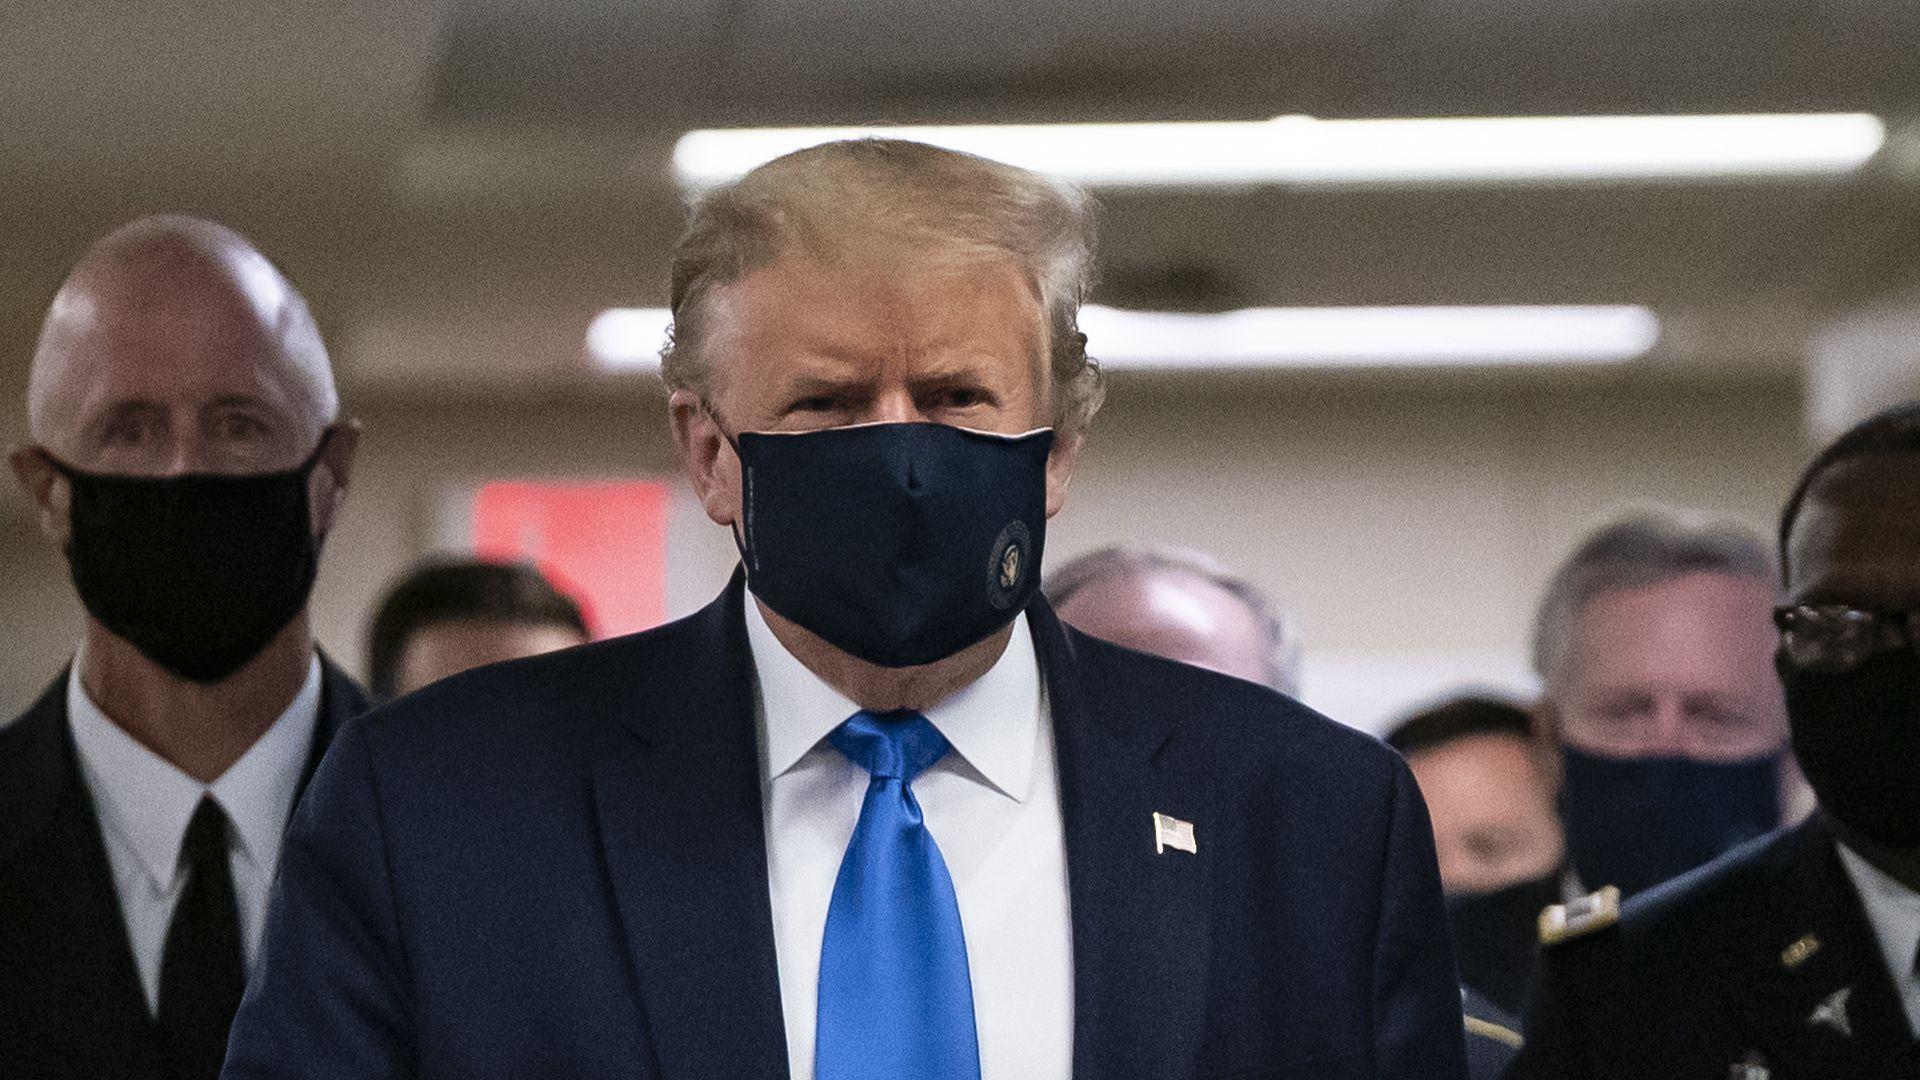 Trump Wears Mask!